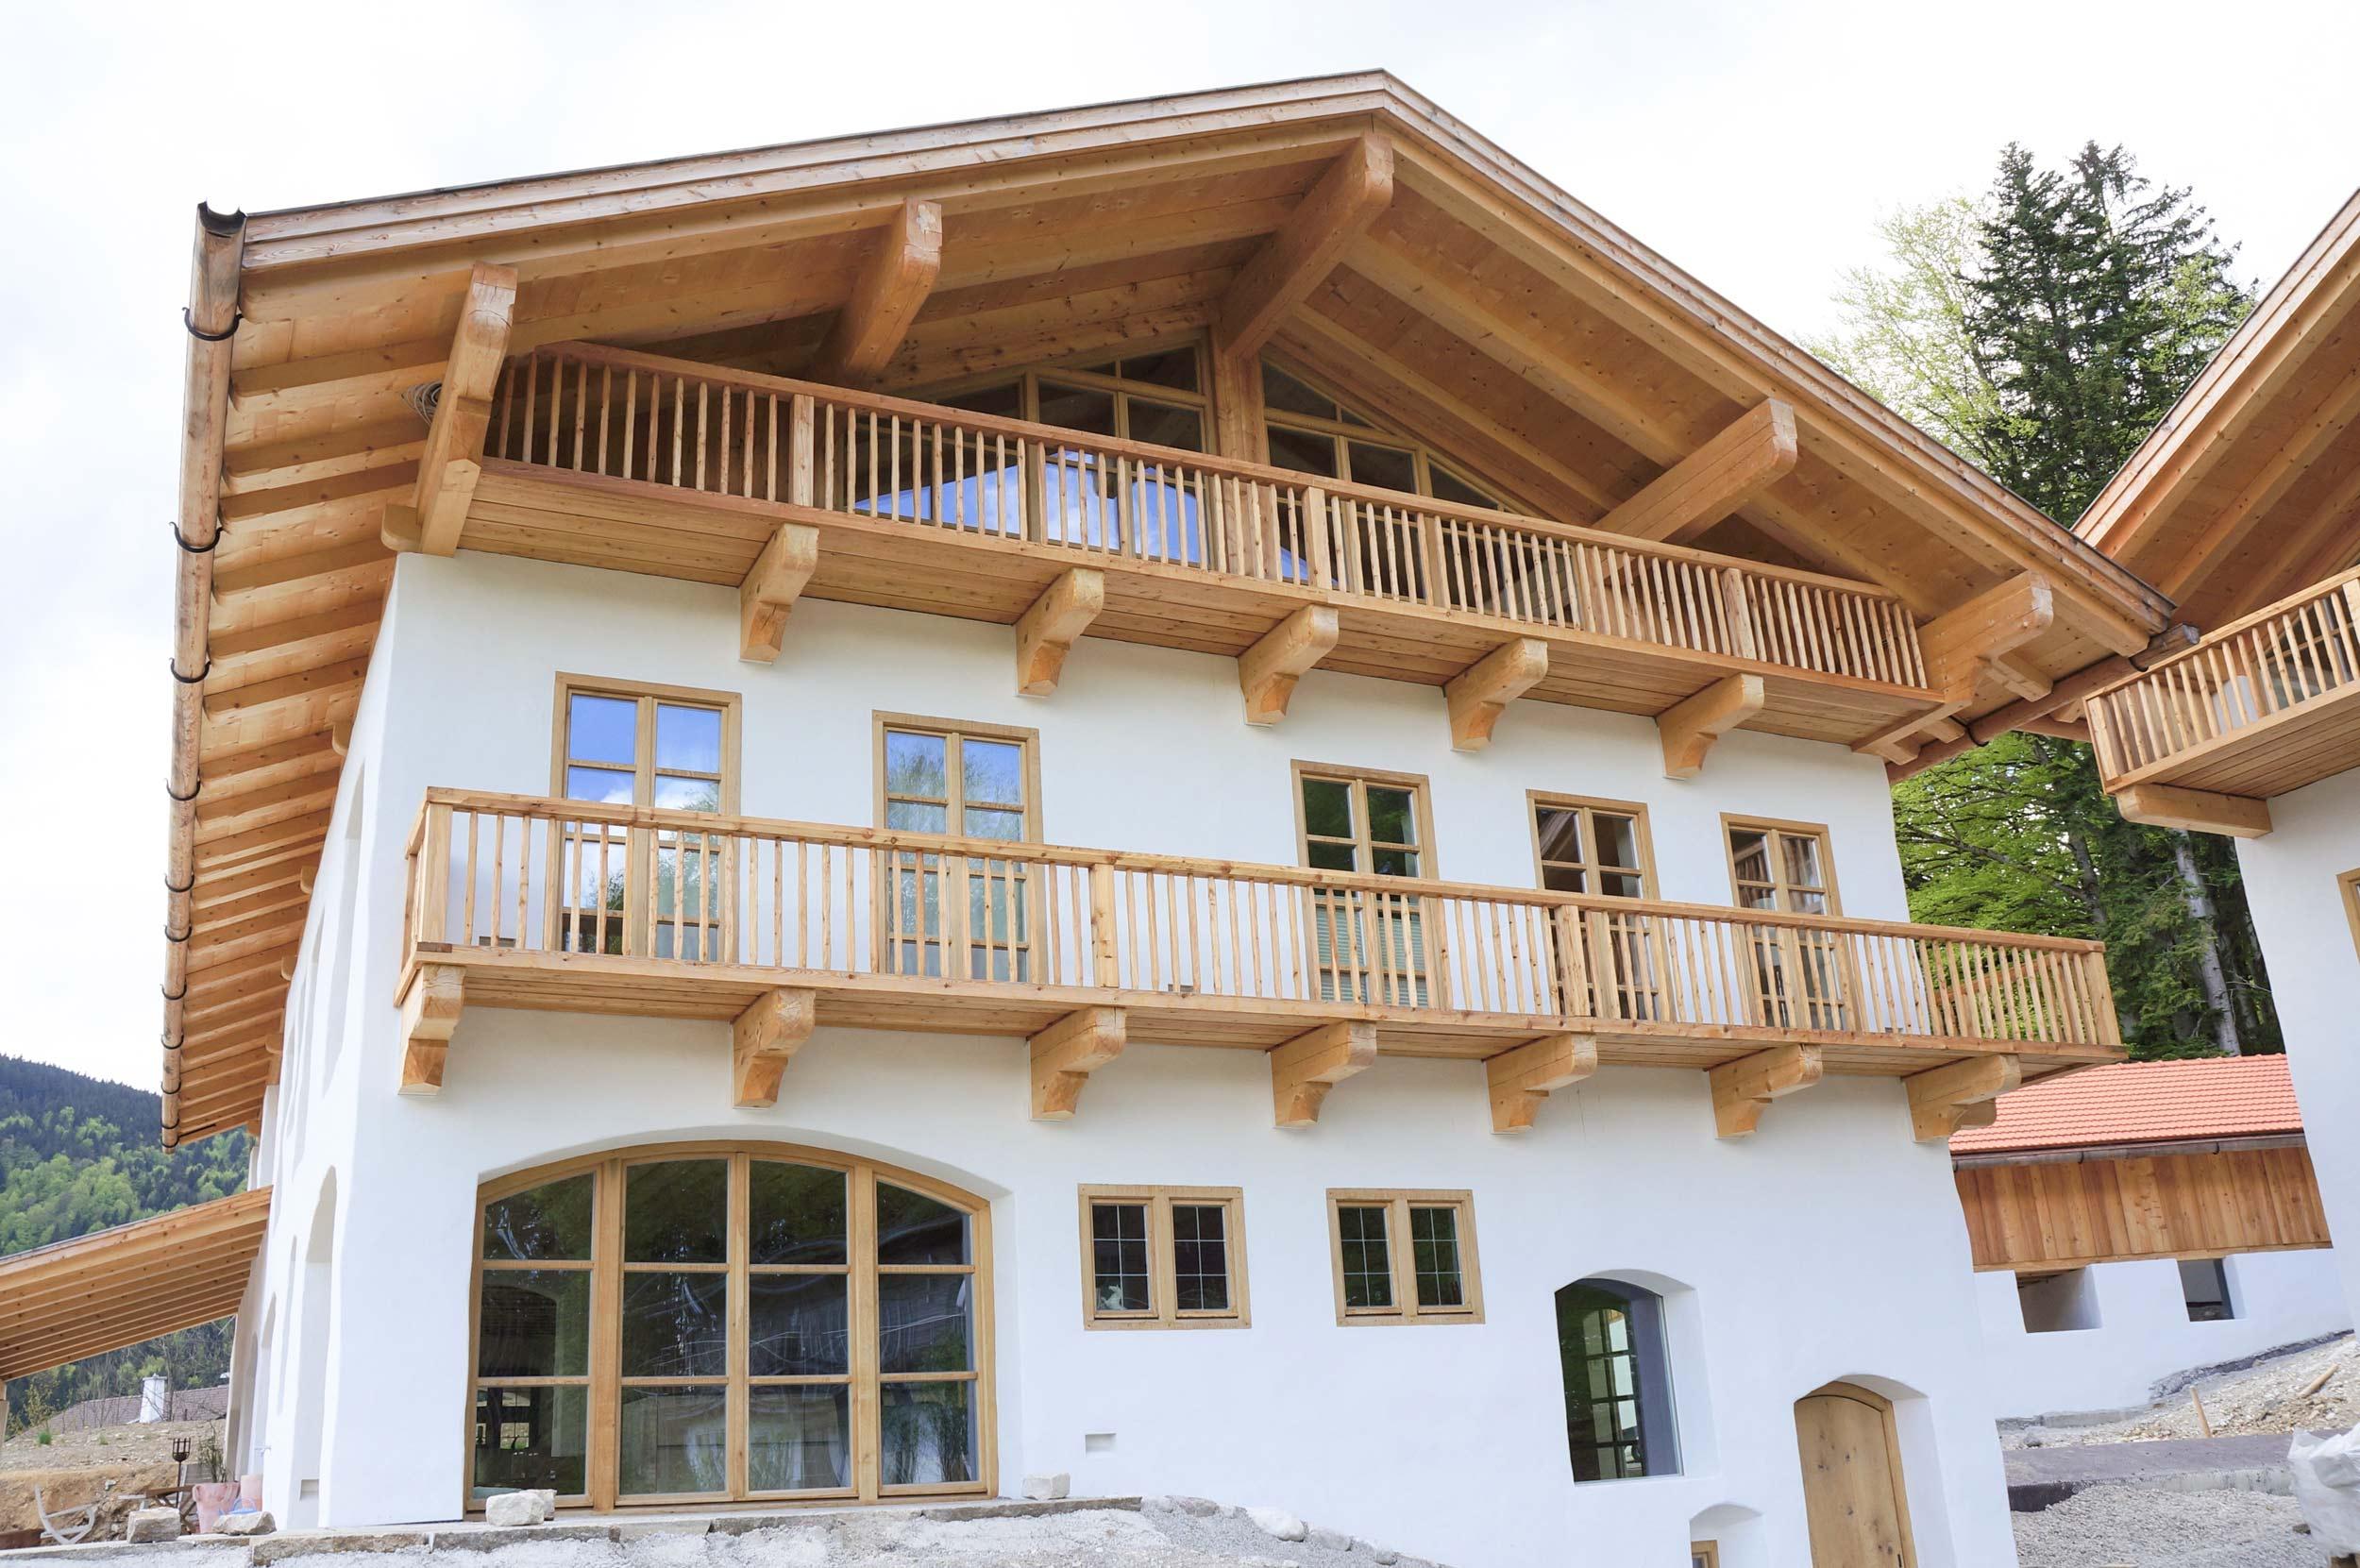 zimmerei-stoib-holzbau-holzhaus-tegernsee-bad-wiessee-balkon-dachstuhl-01.jpg